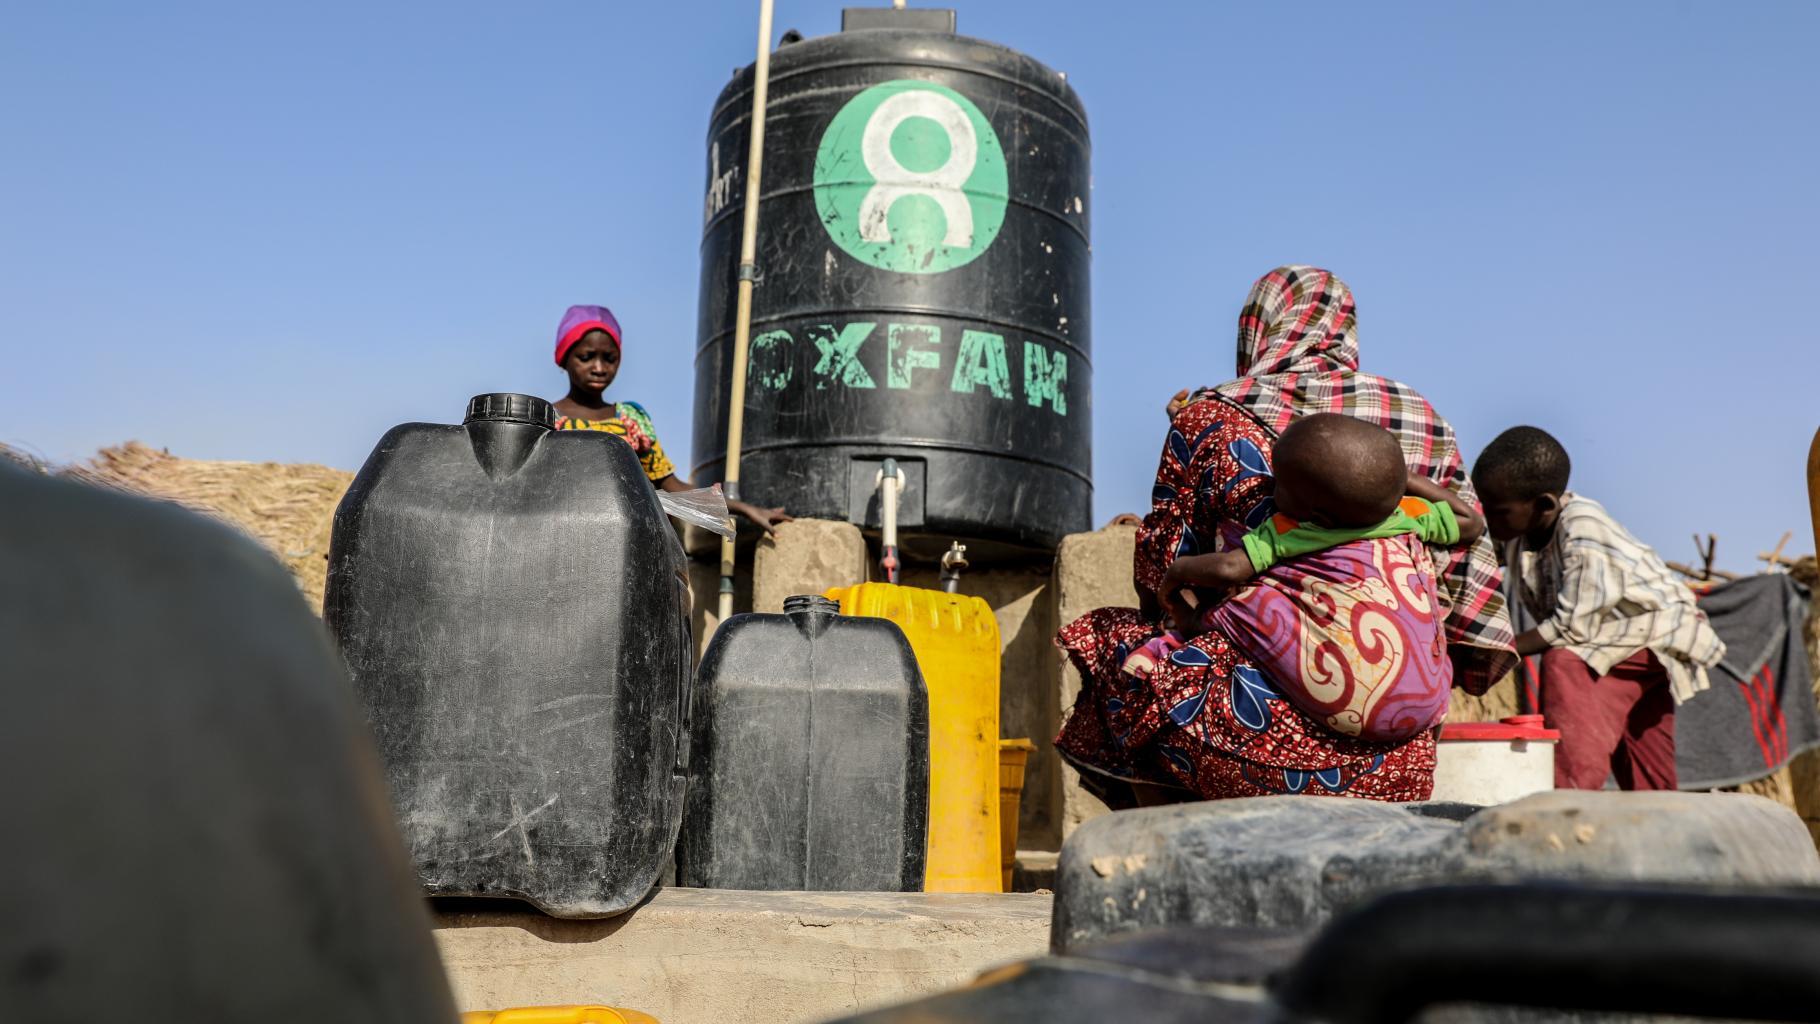 Oxfam hilft den Menschen unter anderem durch die Versorgung mit sauberem Wasser.